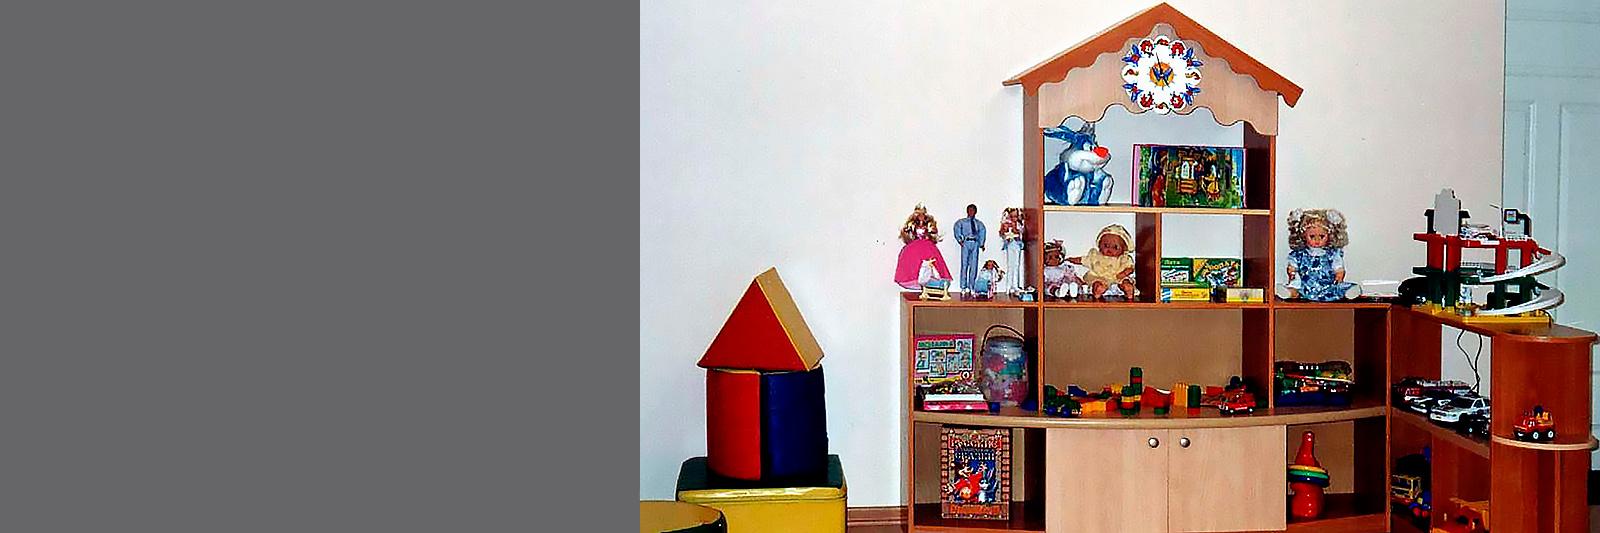 Игровая мебель по индивидуальному заказу для детского сада